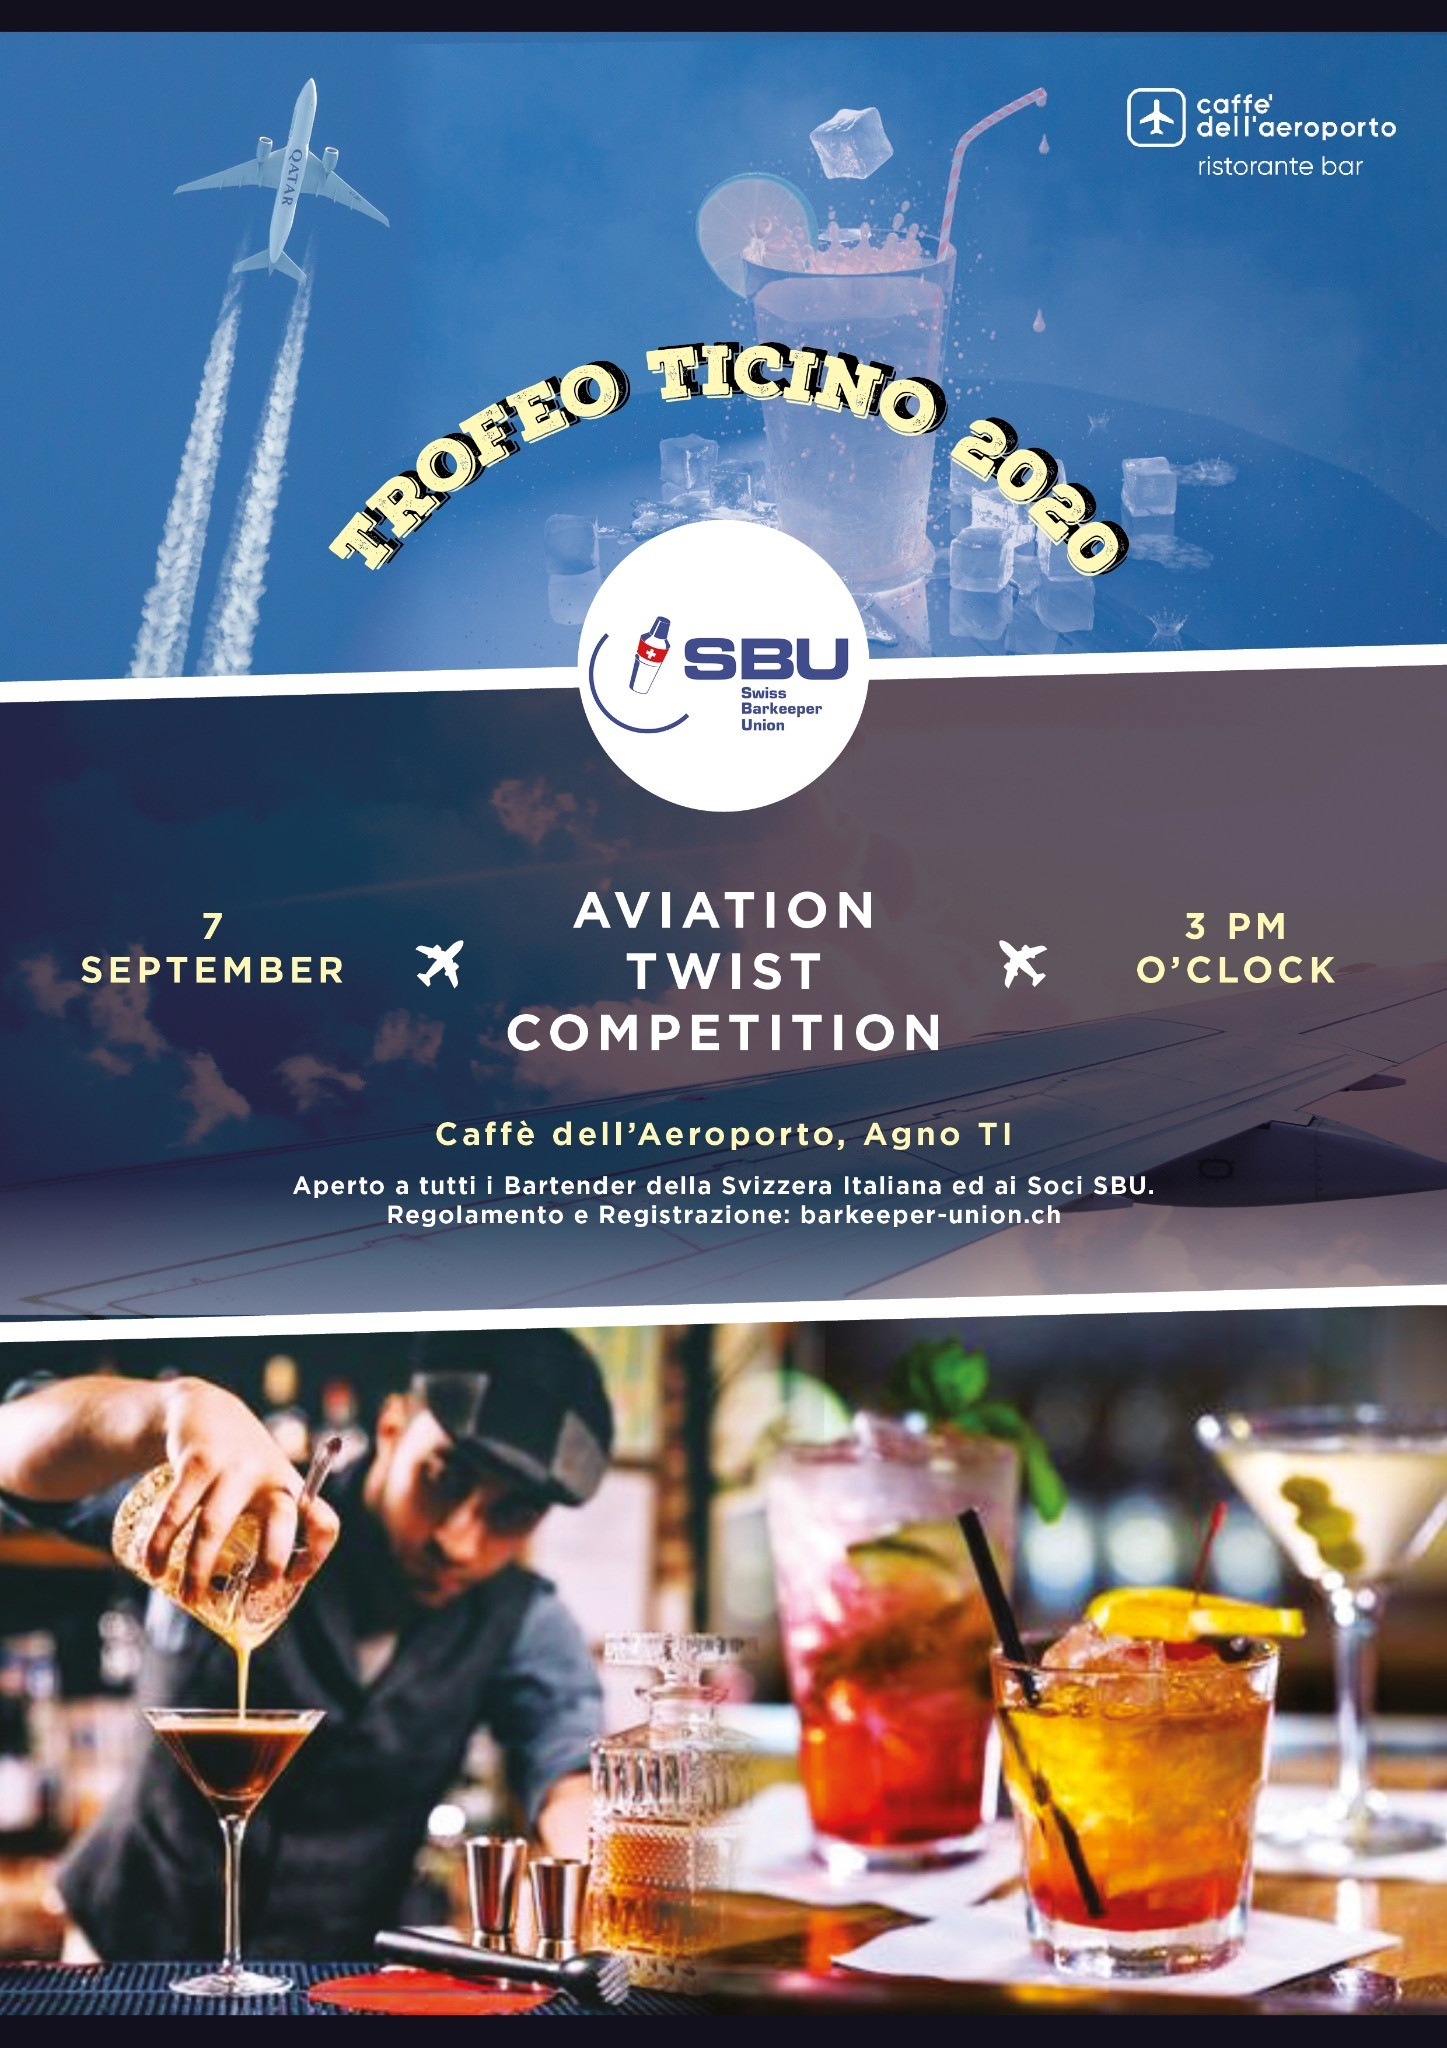 TROFEO TICINO 2020 | RESULTS